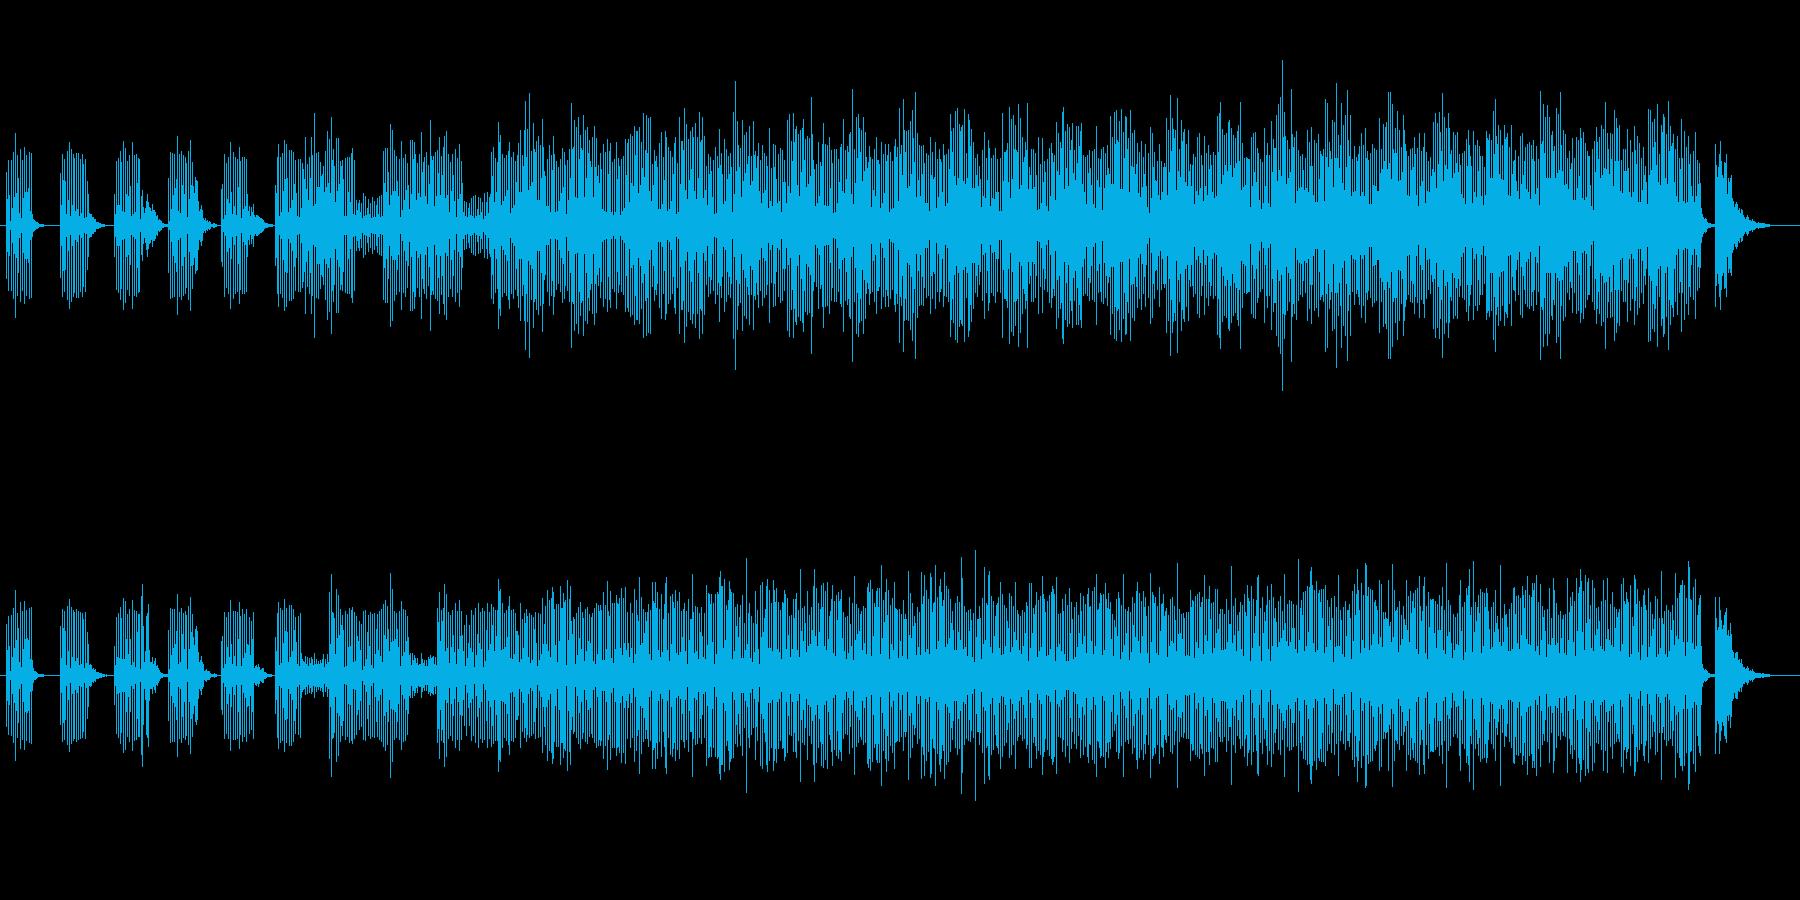 幻想的で神秘的なリフレインミュージックの再生済みの波形